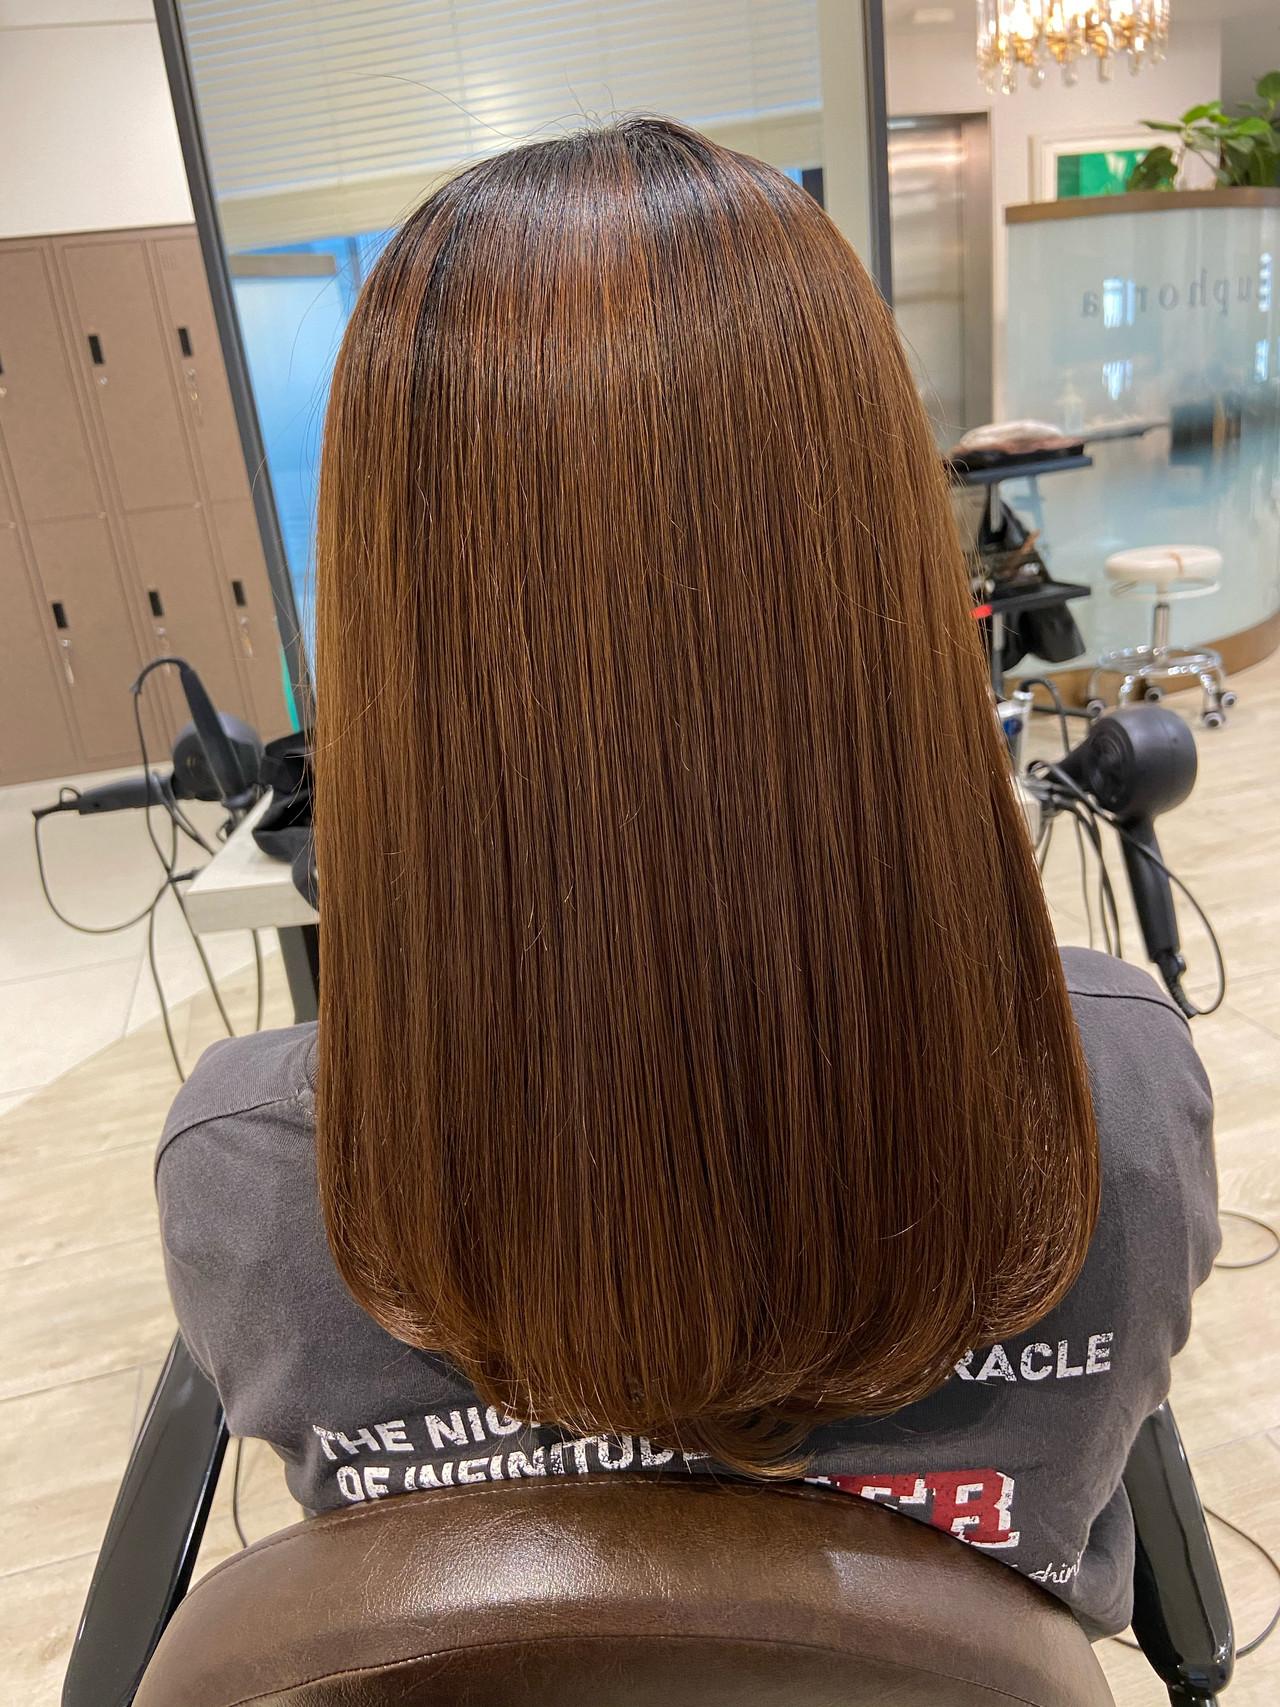 ストレート ミディアム サラサラ 髪質改善 ヘアスタイルや髪型の写真・画像